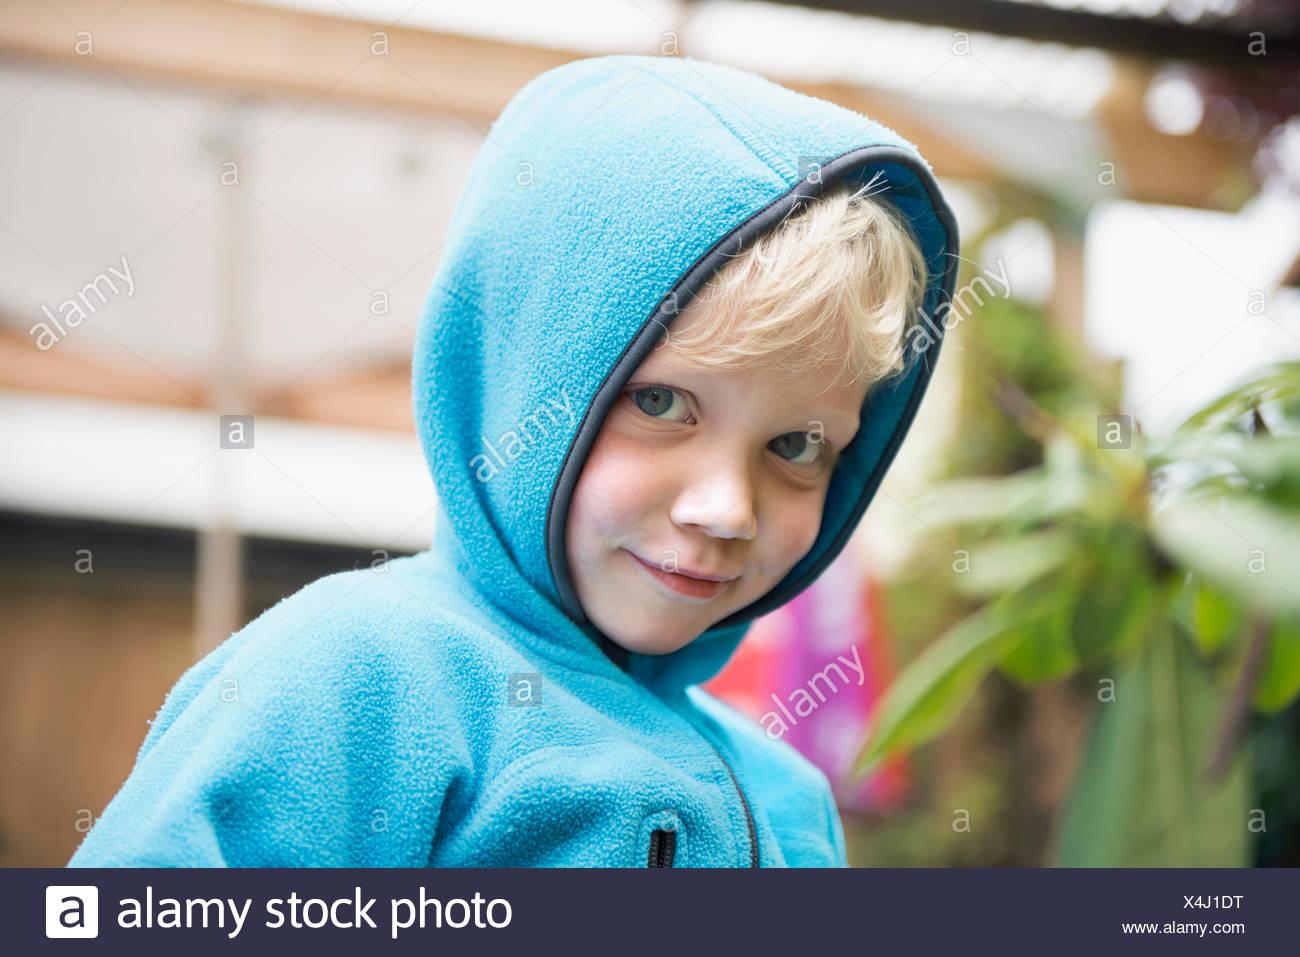 Retrato joven muchacho rubio con puente hoody Imagen De Stock